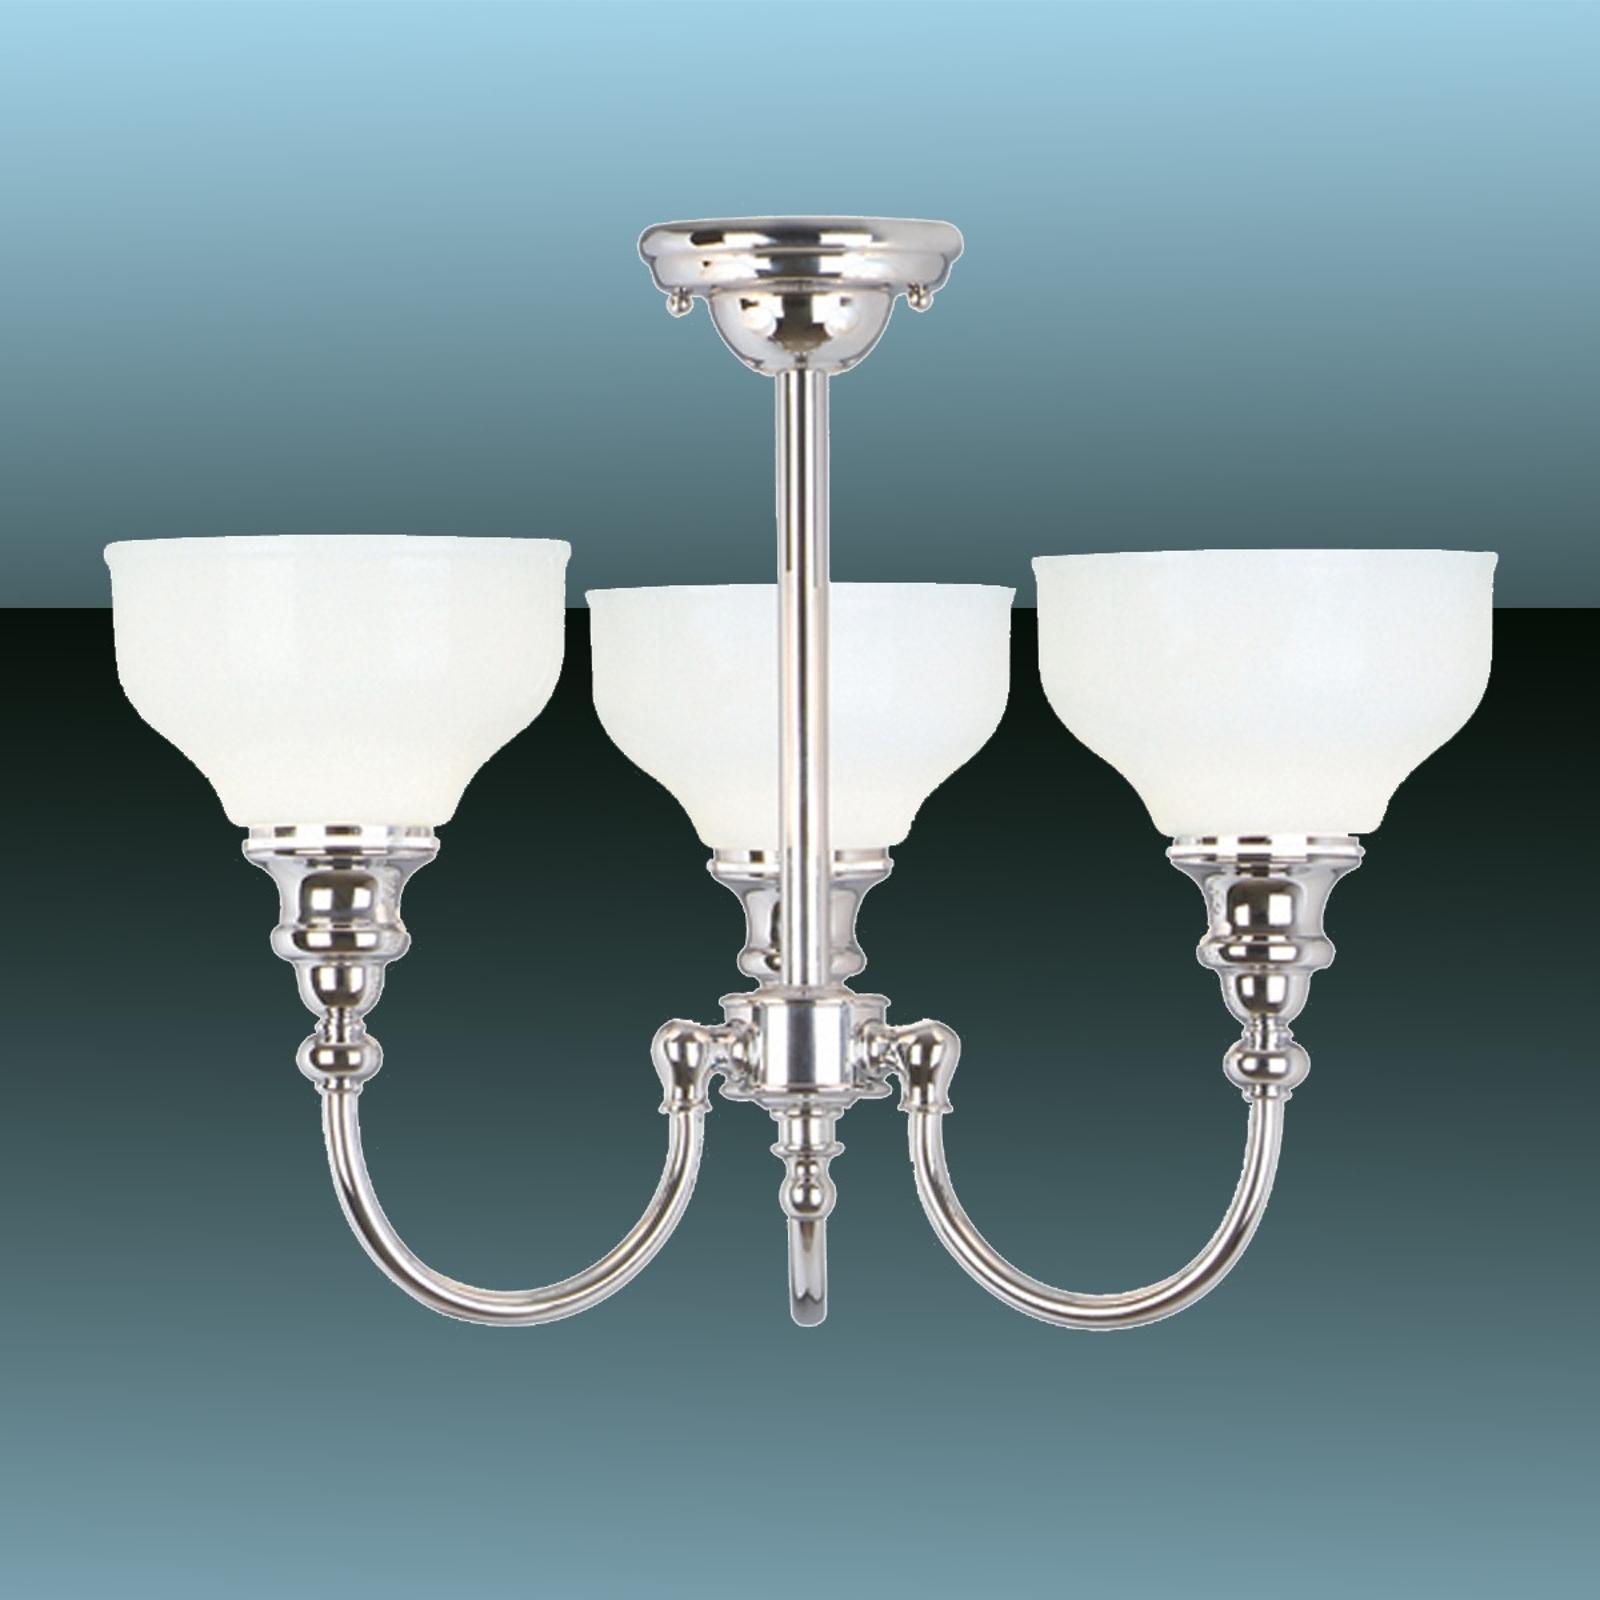 Lámpara de techo de baño de 3 luces Cheadle